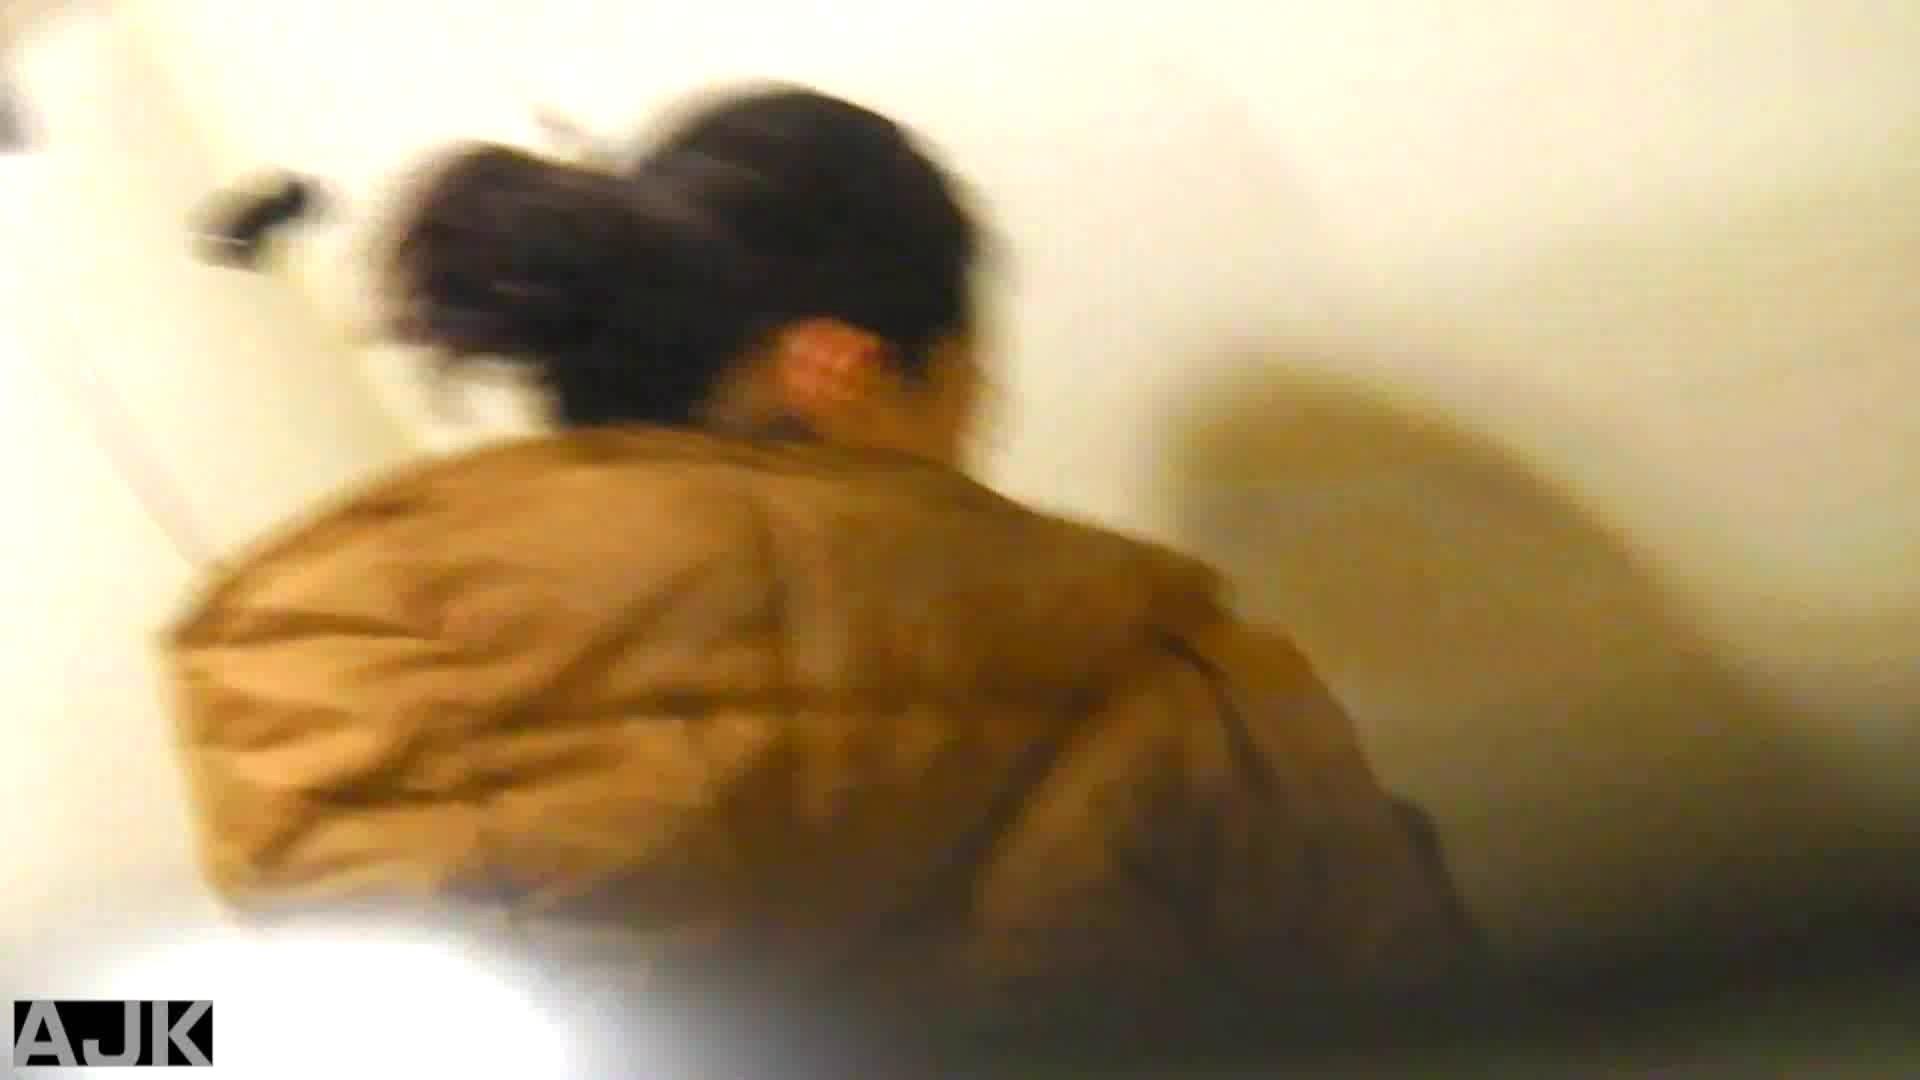 隣国上階級エリアの令嬢たちが集うデパートお手洗い Vol.26 女子トイレの中 セックス無修正動画無料 66画像 9